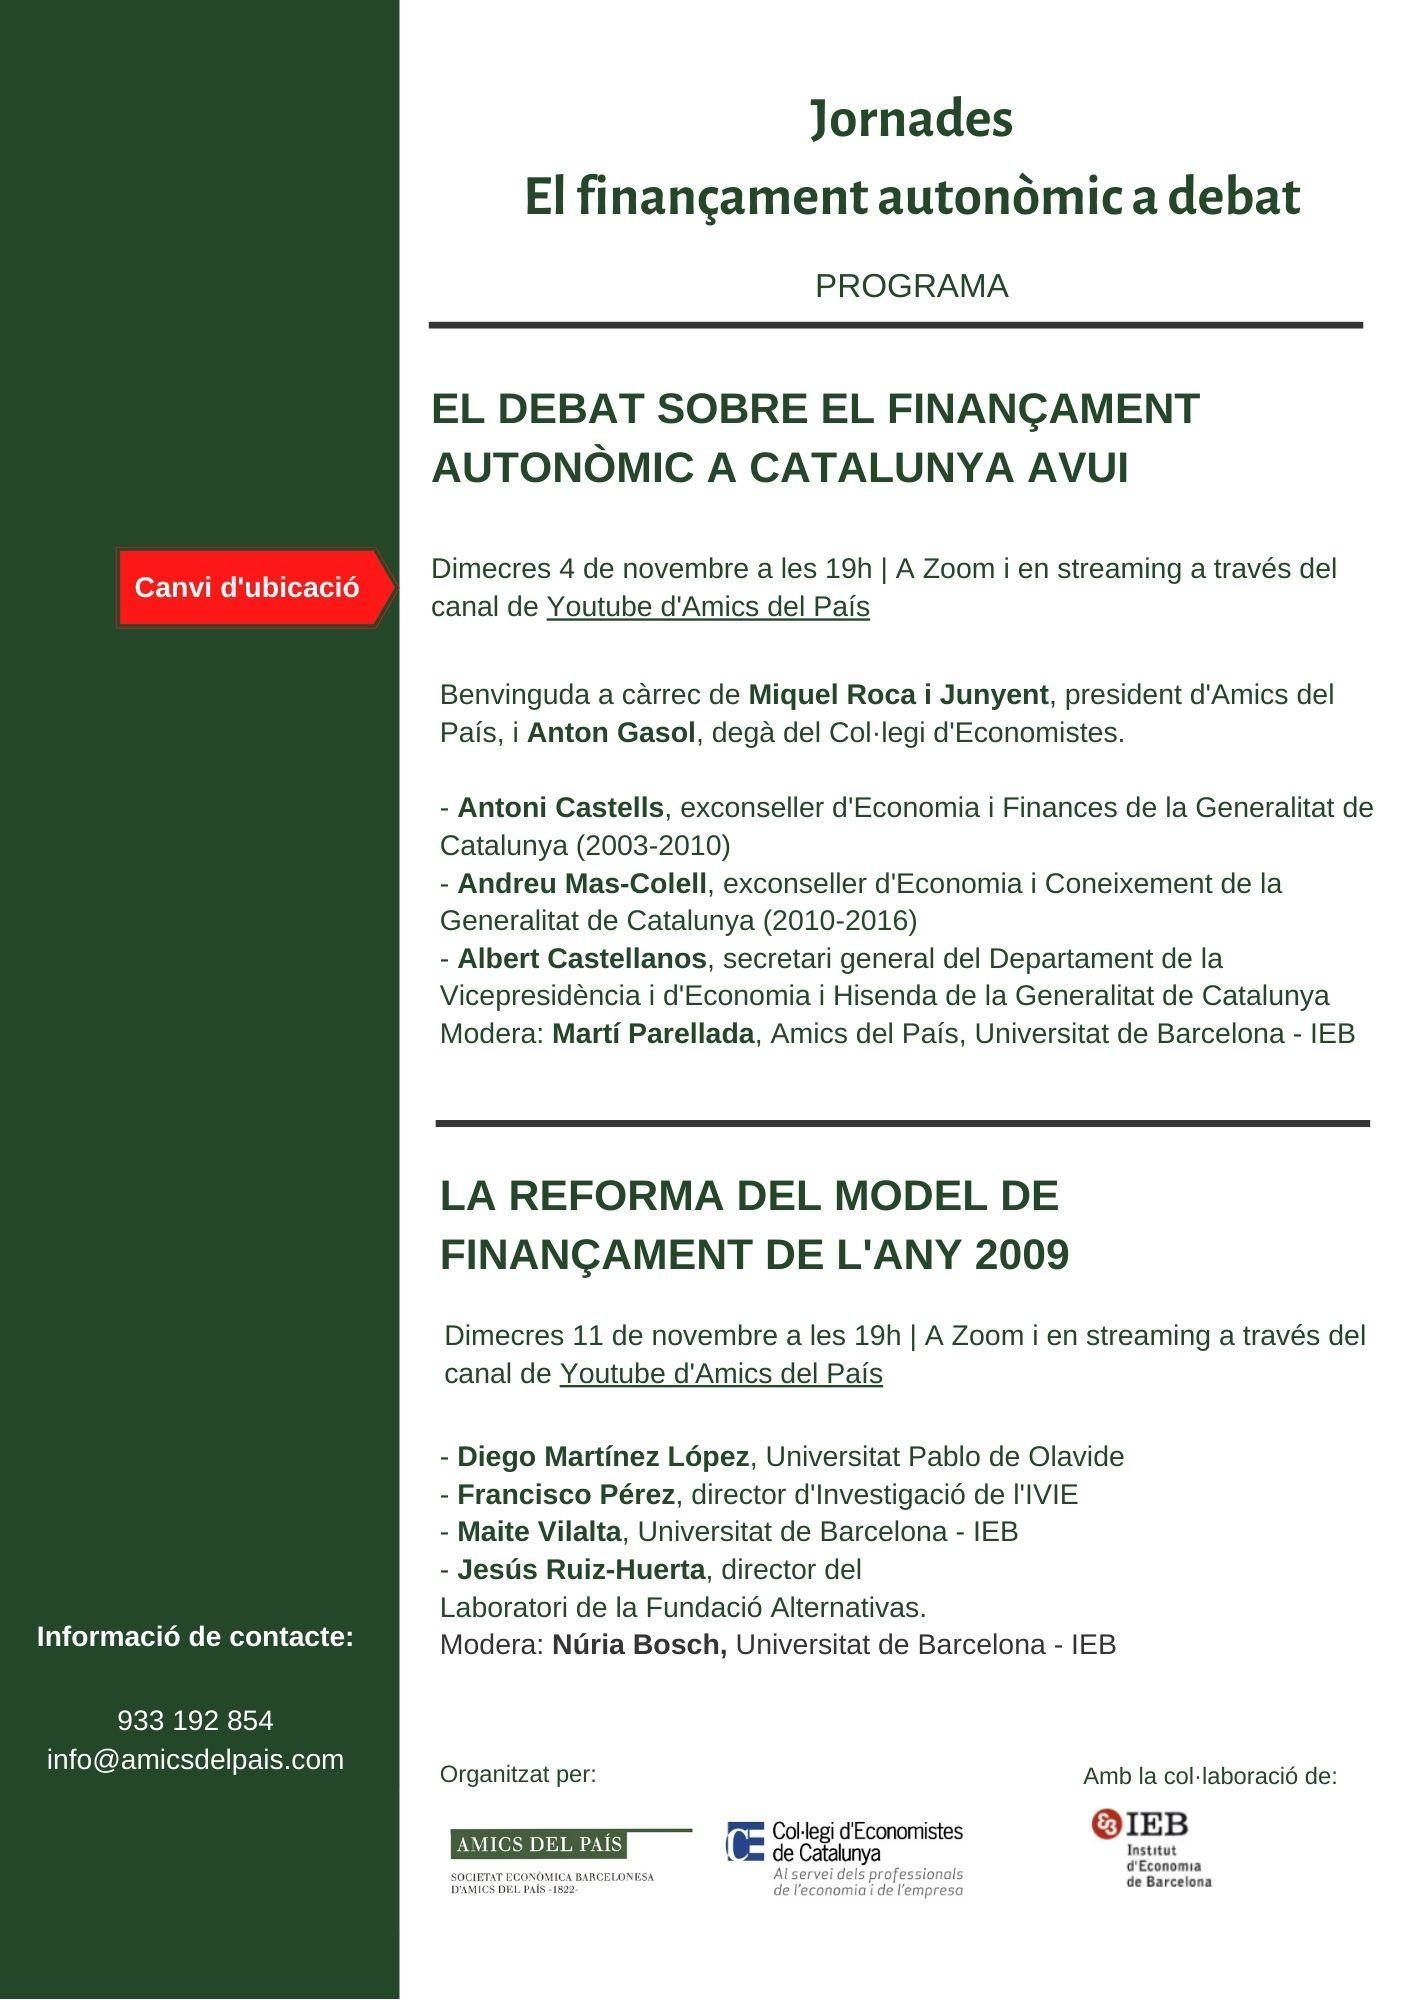 Programa Jornades sobre el model de finançament autonòmic